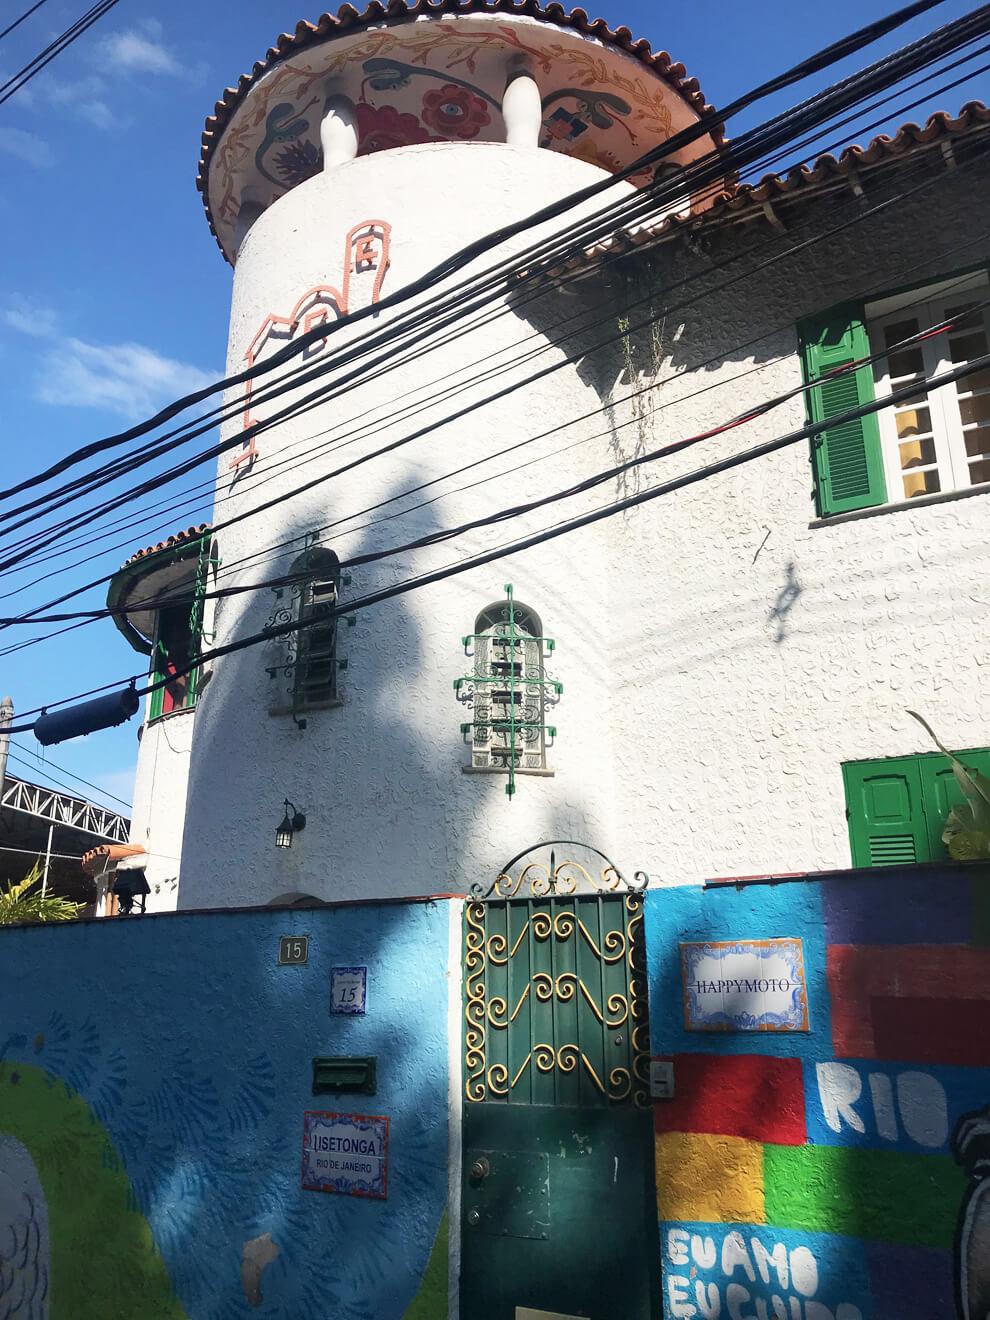 lisetonga-hostel